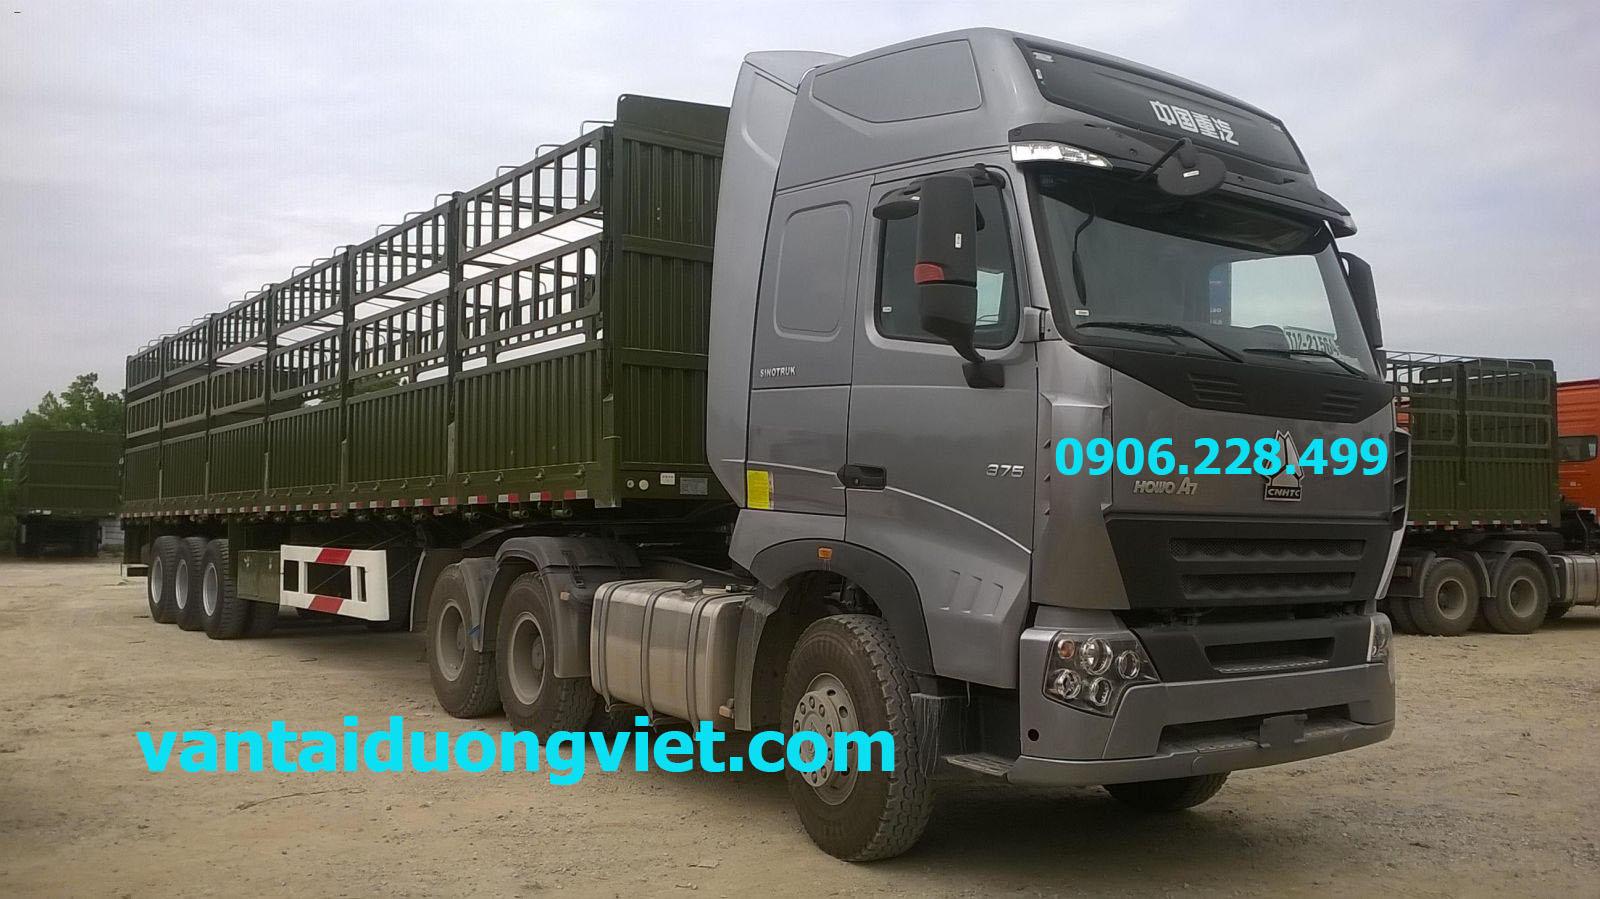 Cho thuê xe tải, Dịch vụ xe tải chở hàng